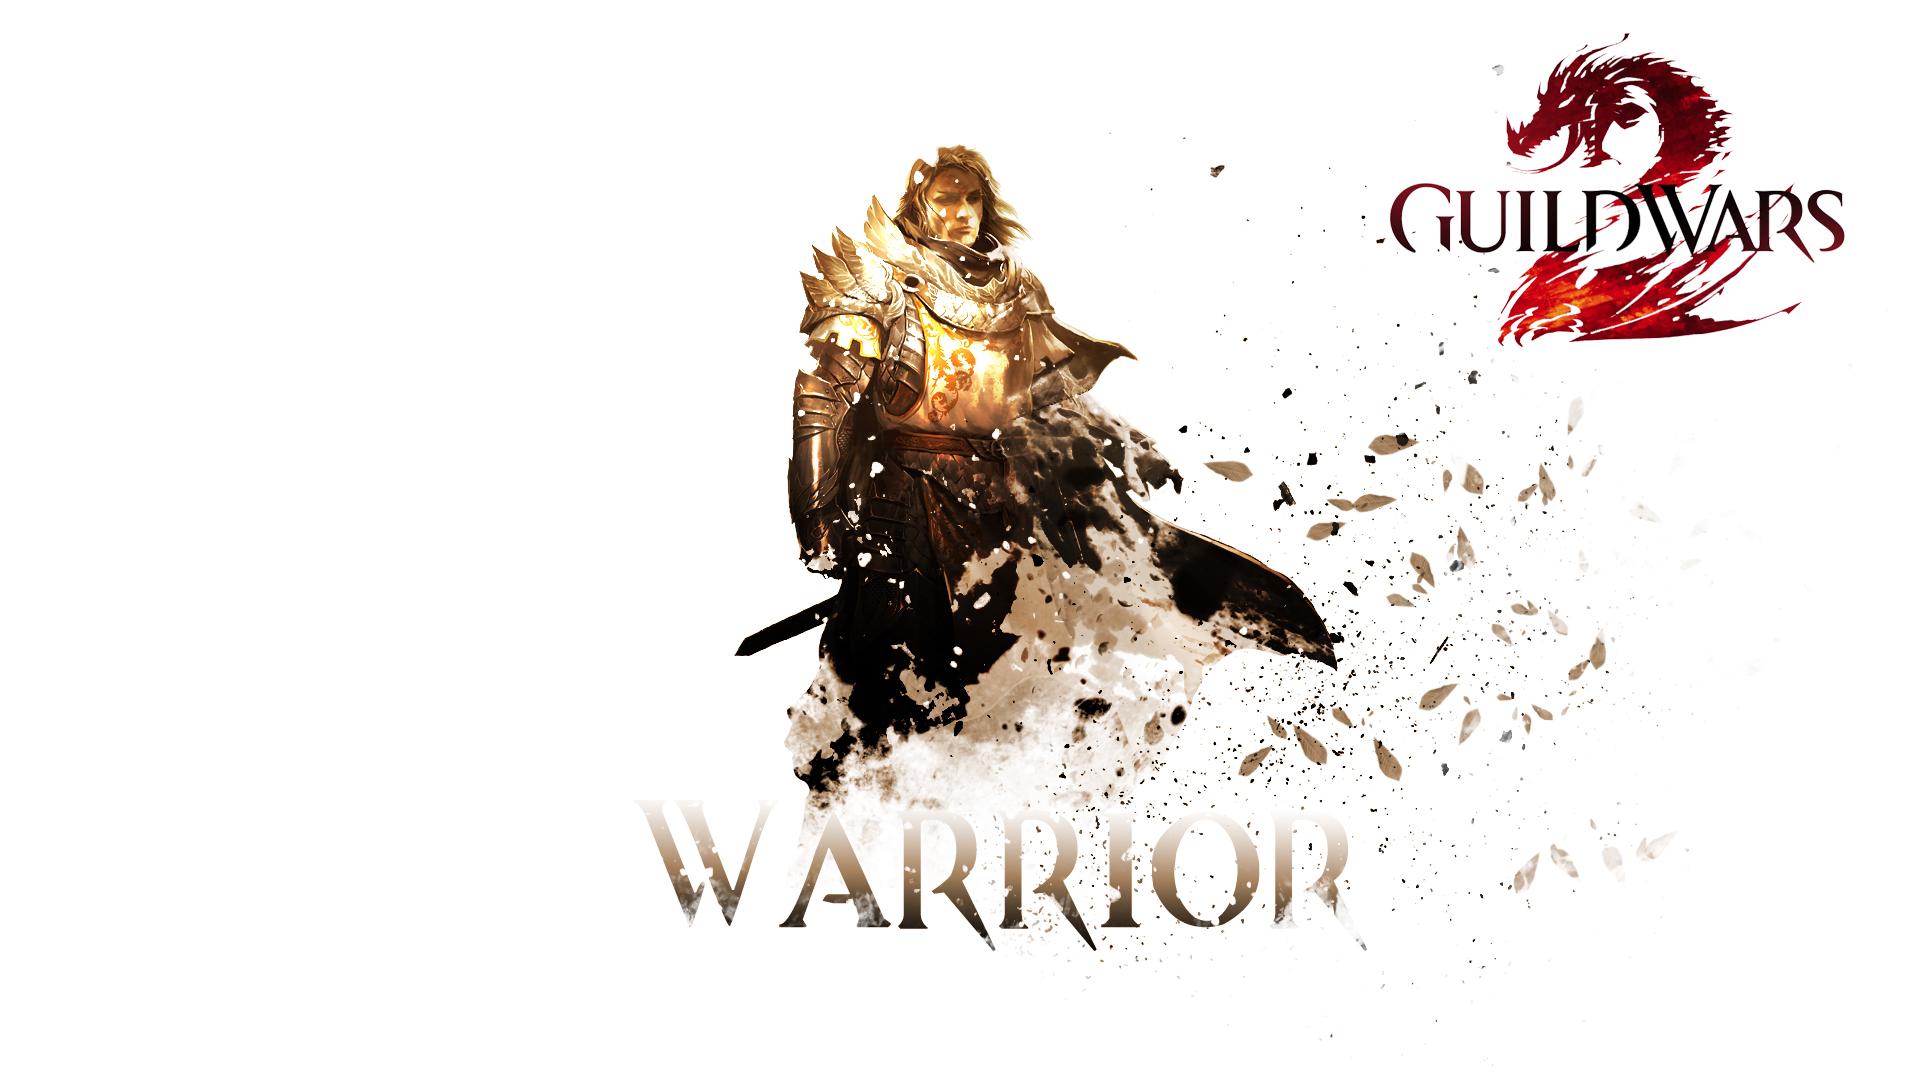 Guild Wars 2 - Warrior by SMILYFACEvirus on DeviantArt